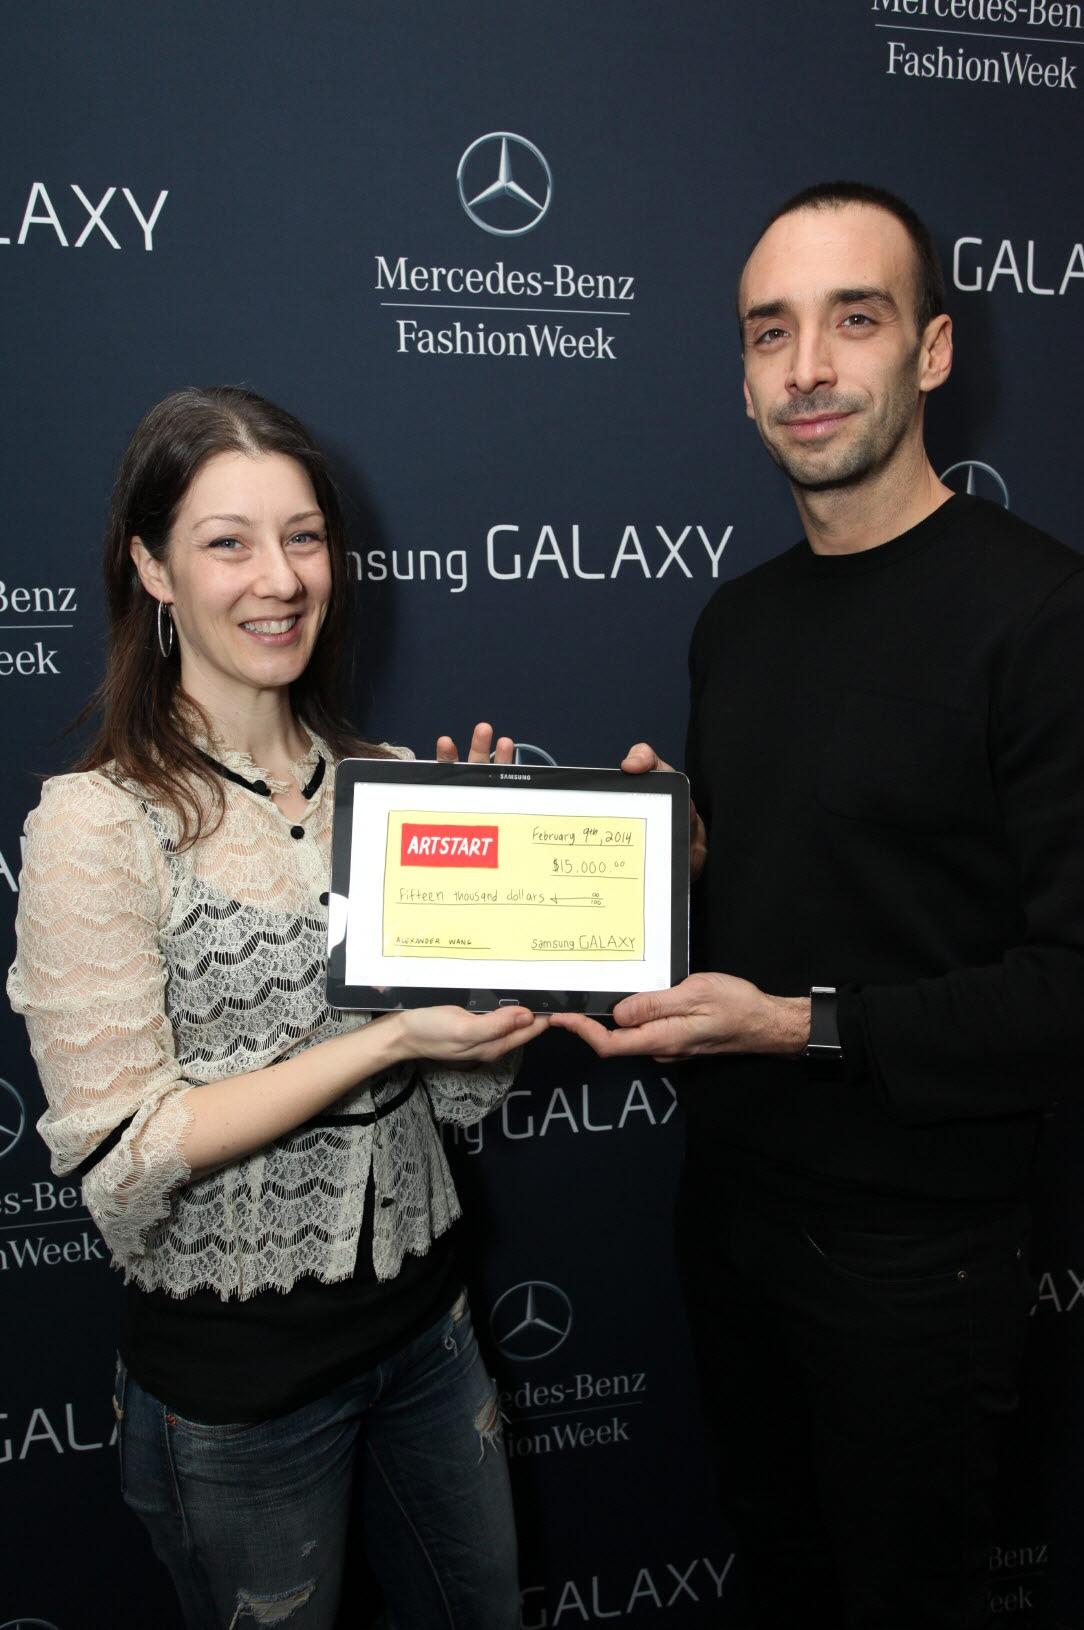 2014년 F/W 뉴욕 패션위크 백스테이지의 '삼성 갤럭시 라운지(Samsung Galaxy Lounge)'에서 디자이너 알렉산더 왕과 삼성 갤럭시 노트 II와의 협업을 통해 탄생한 '알렉산더 왕 왈리 짐 색(Alexander Wang Wallie gym sack)' 한정판 가방 판매 수익금 15,000달러를 아트 스타트에 기부 기념사진 촬영